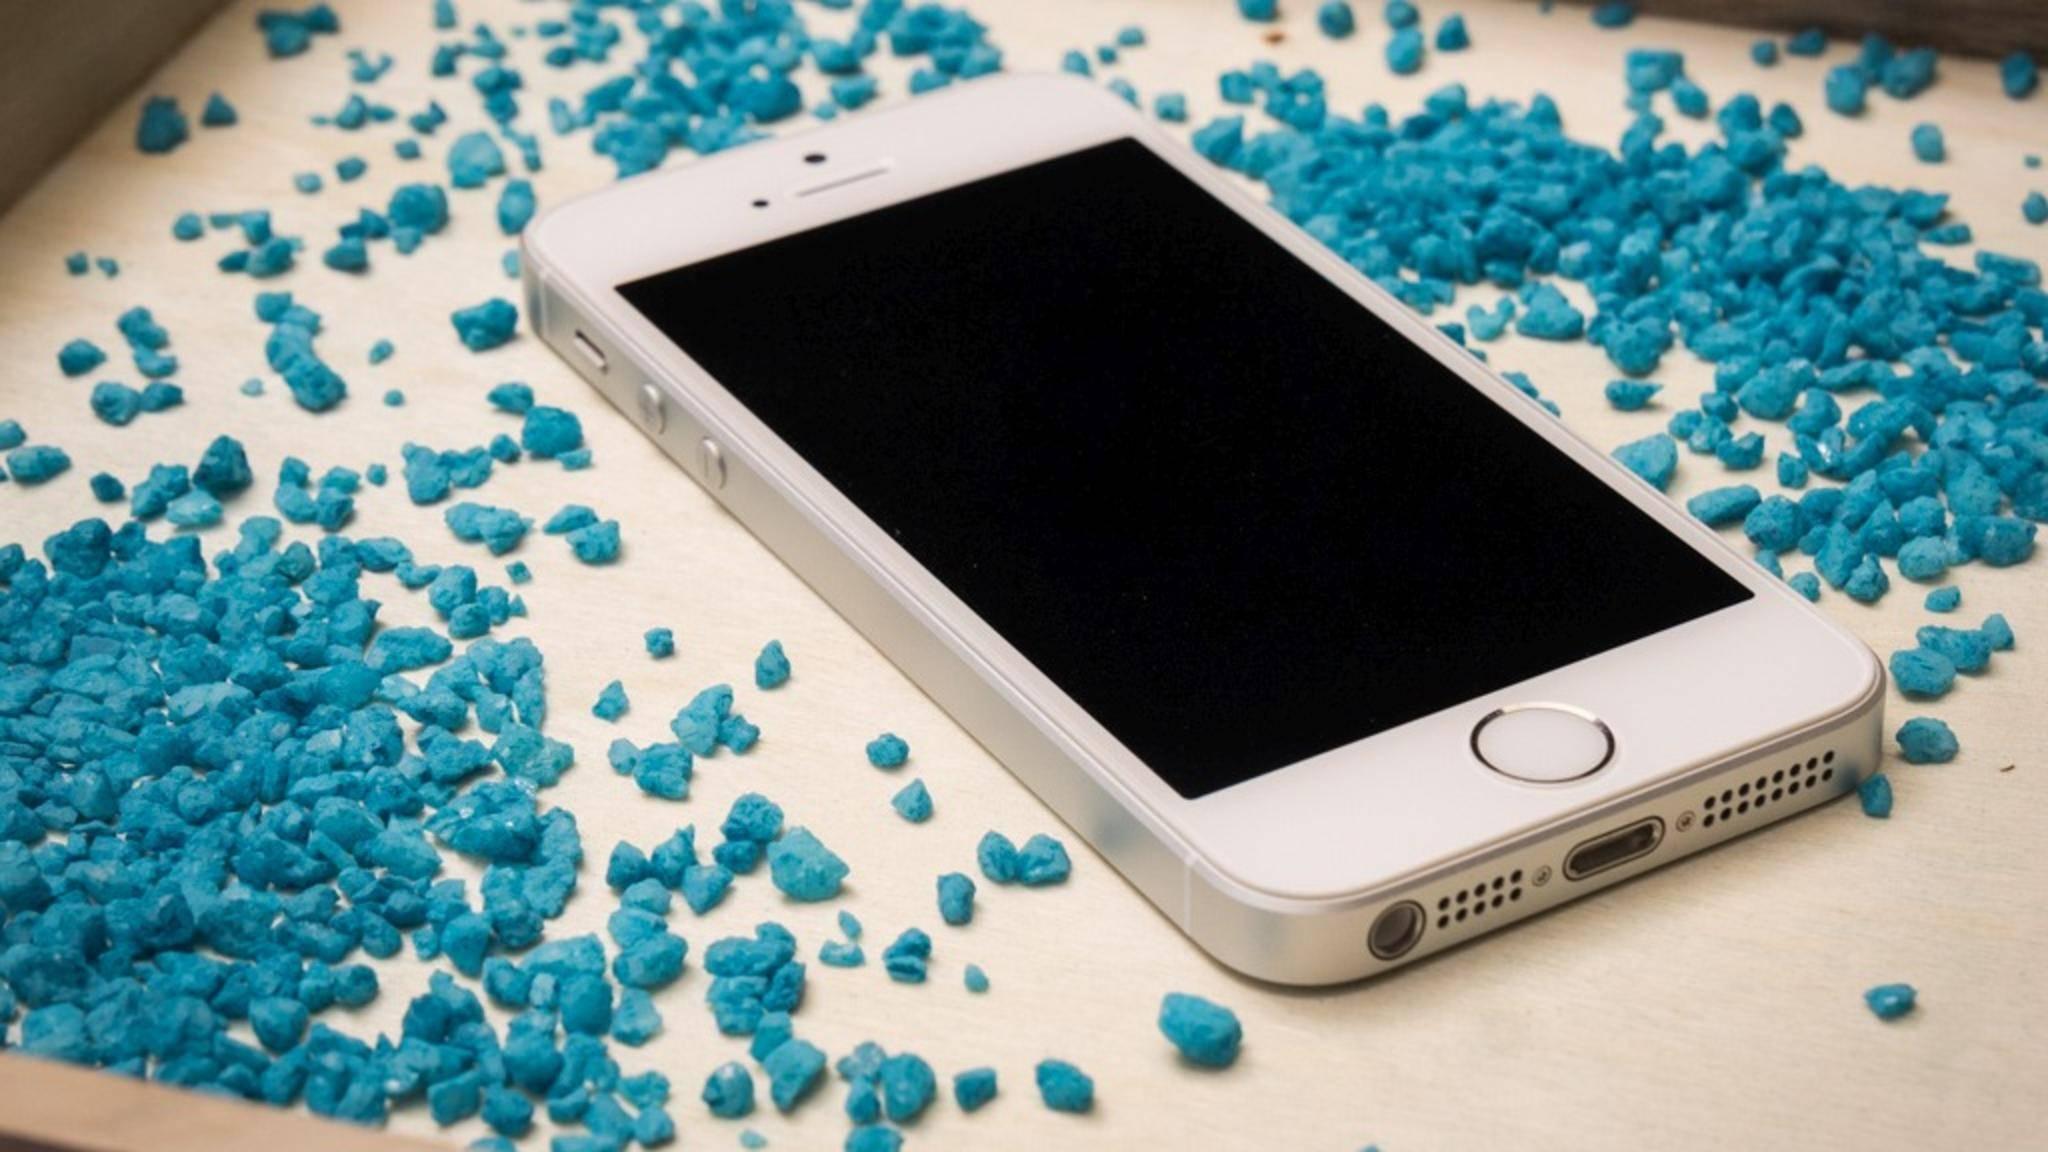 Gerade noch: Das iPhone 5s ist das älteste Gerät, das noch mit iOS11 kompatibel ist.